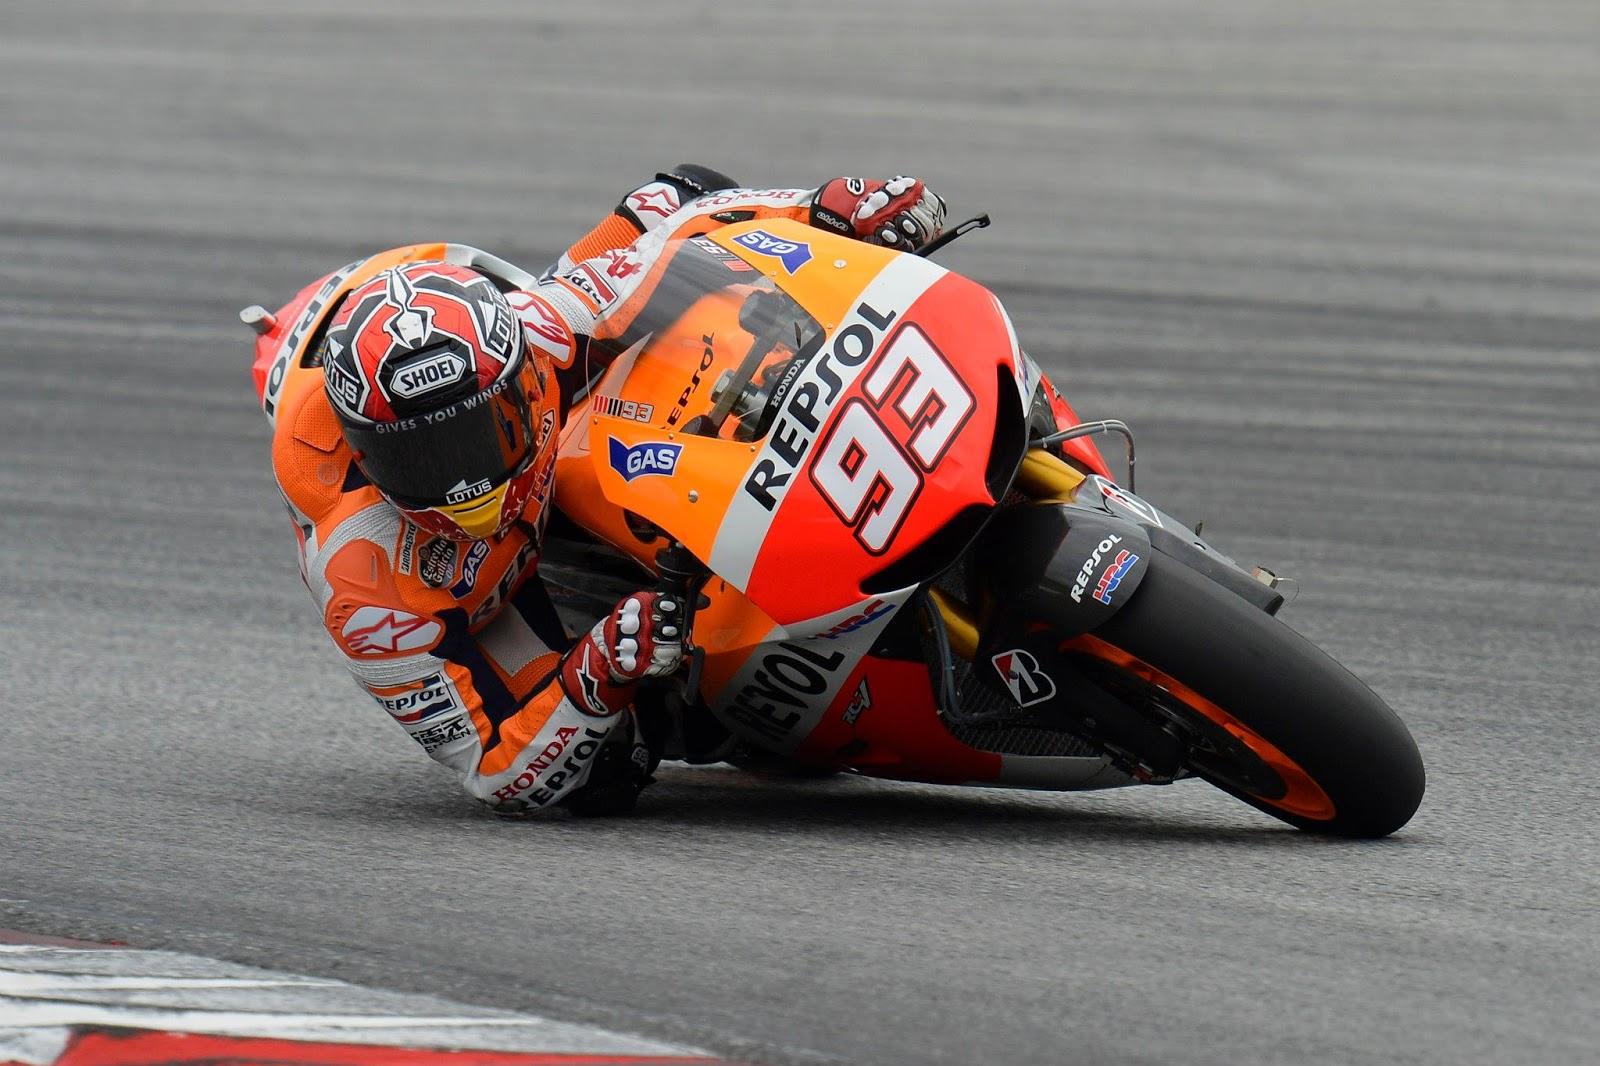 marquez moto gp hd wallpaper marc marquez moto gp hd wallpaper gallery 1600x1066